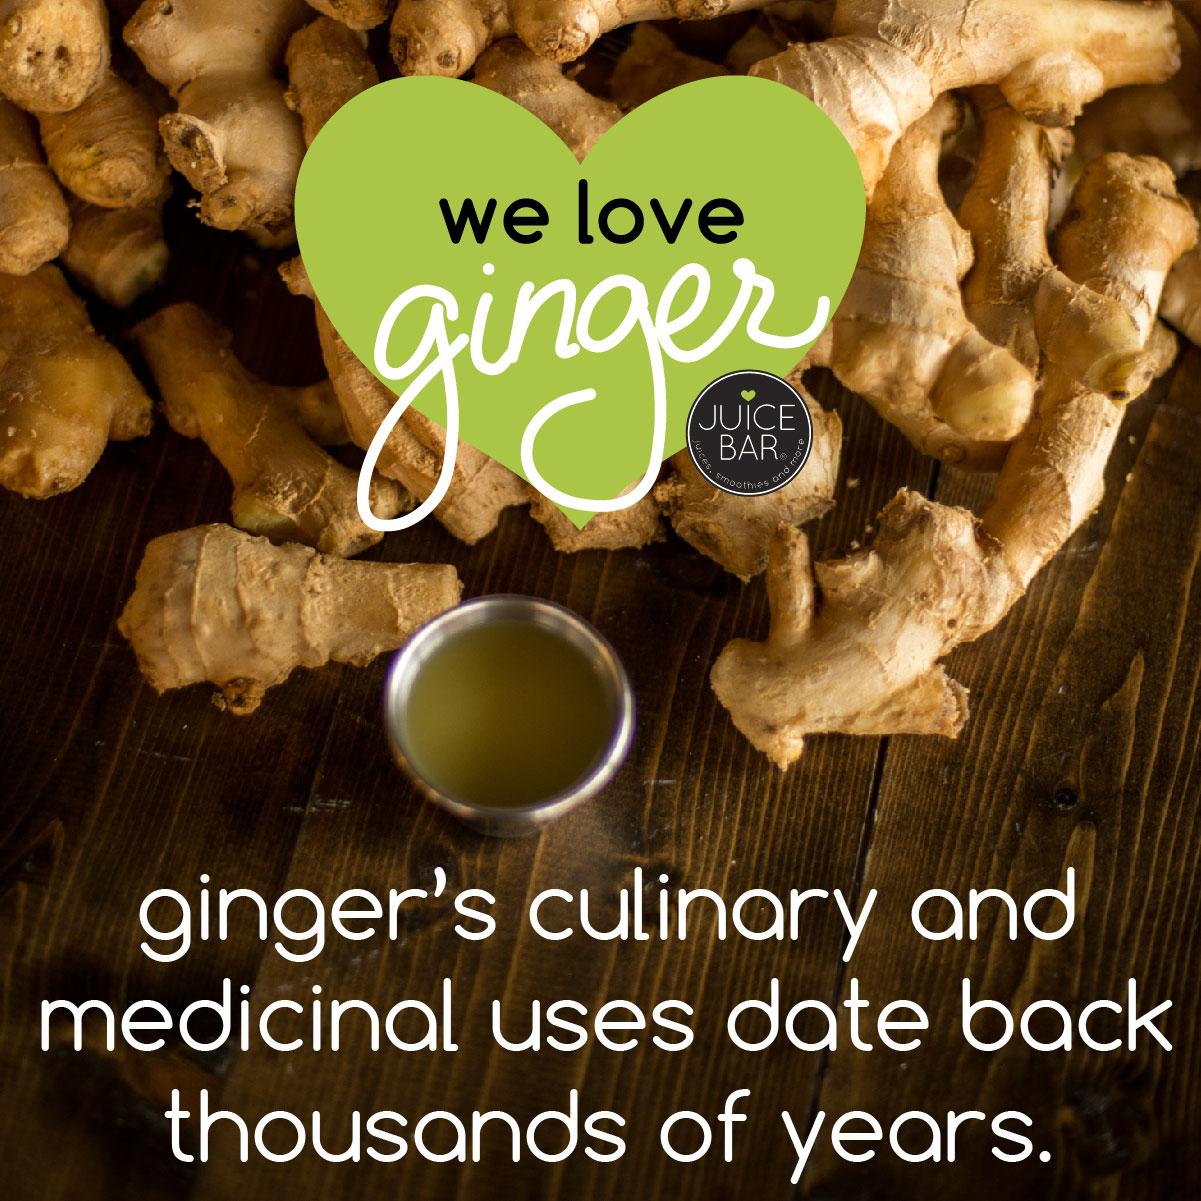 ginger fun facts-03.jpg